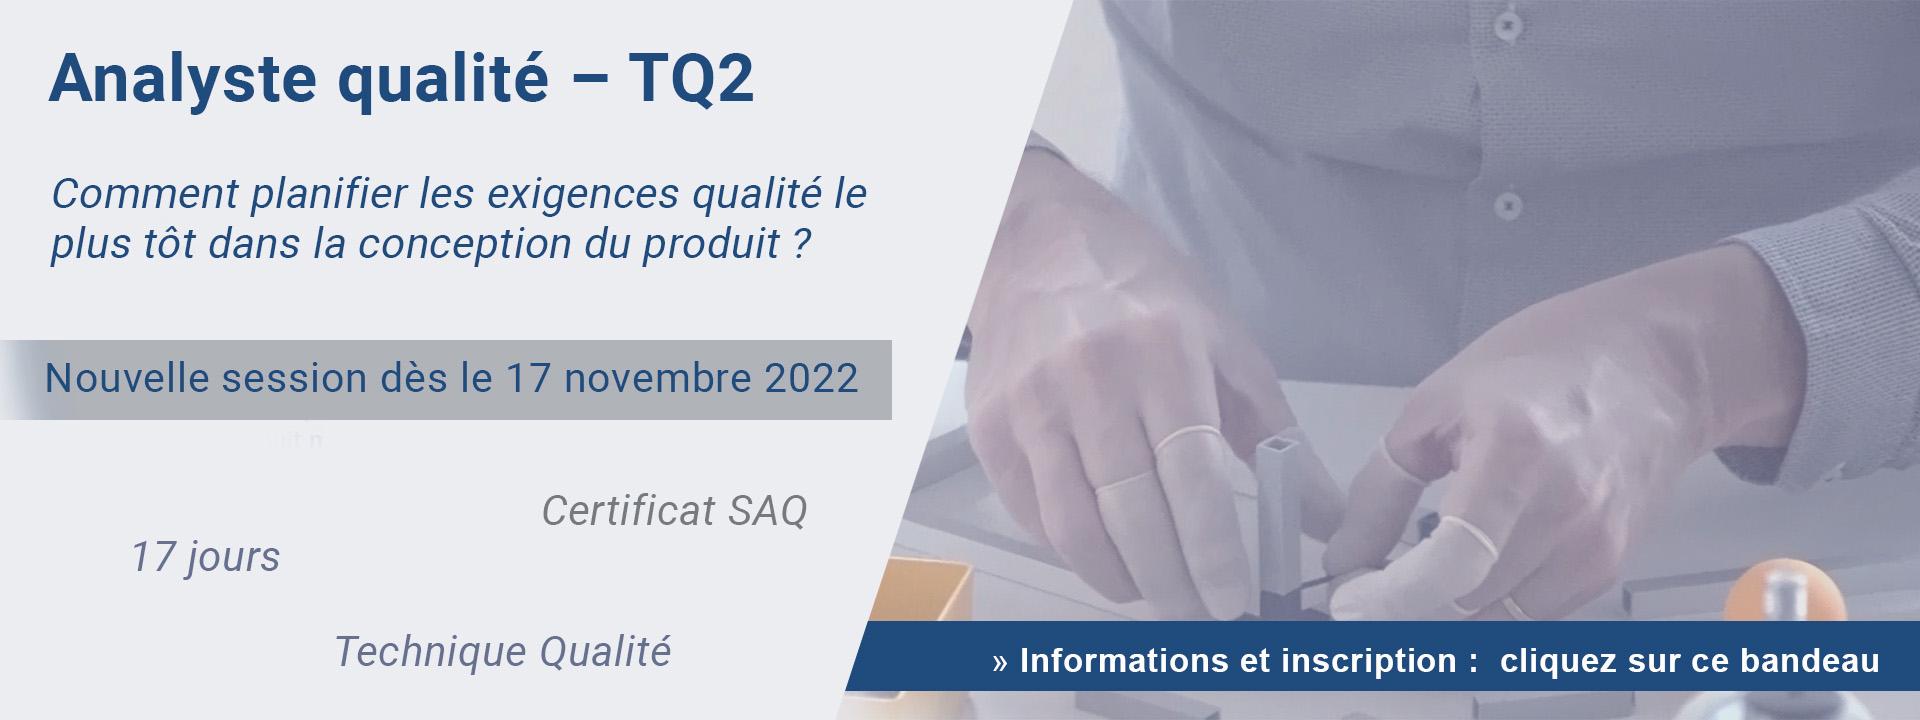 Analyste qualité – TQ2